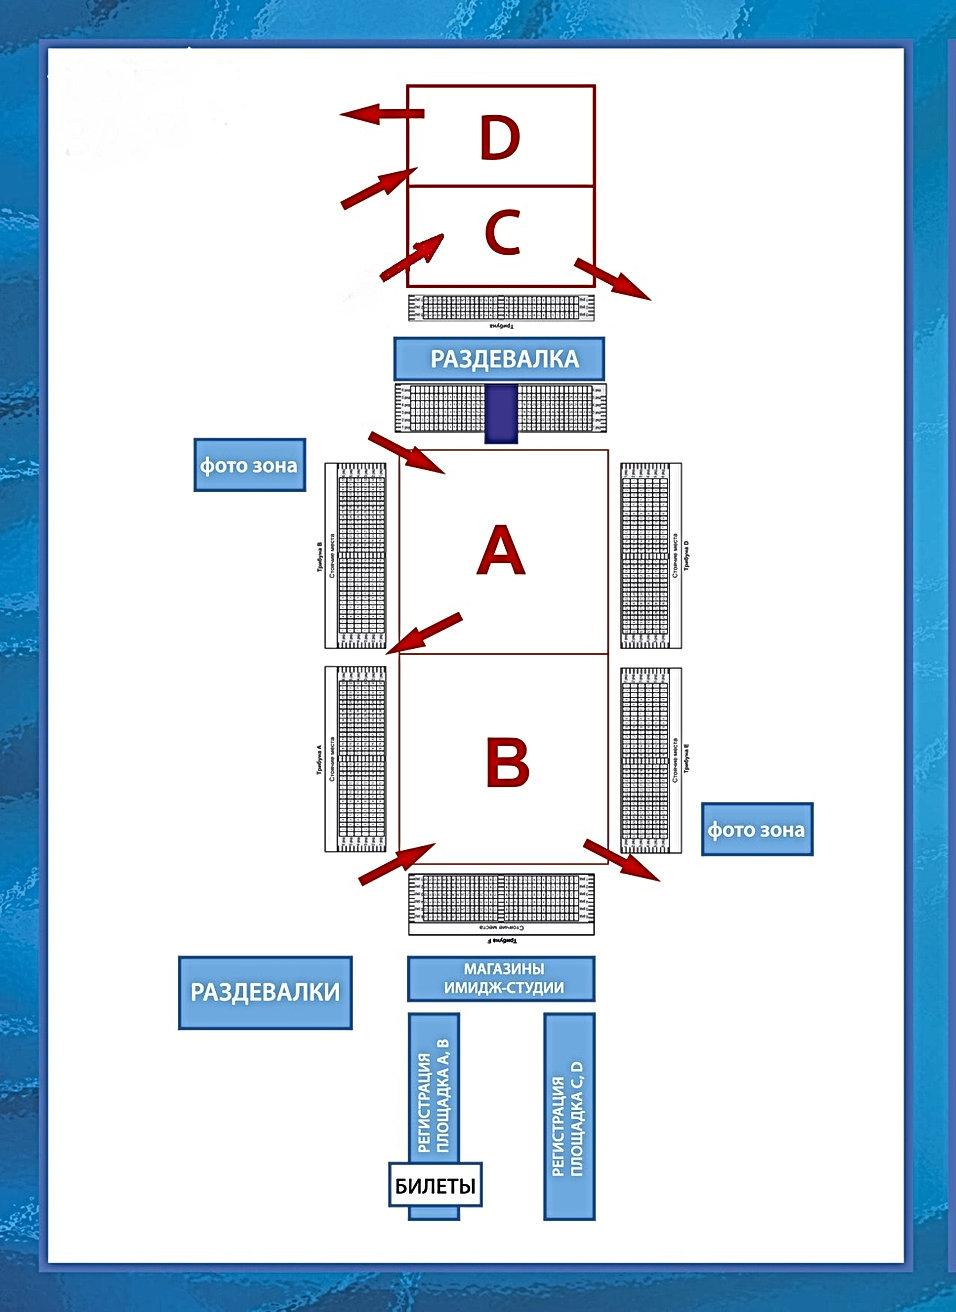 Схема залов - БПД.jpg